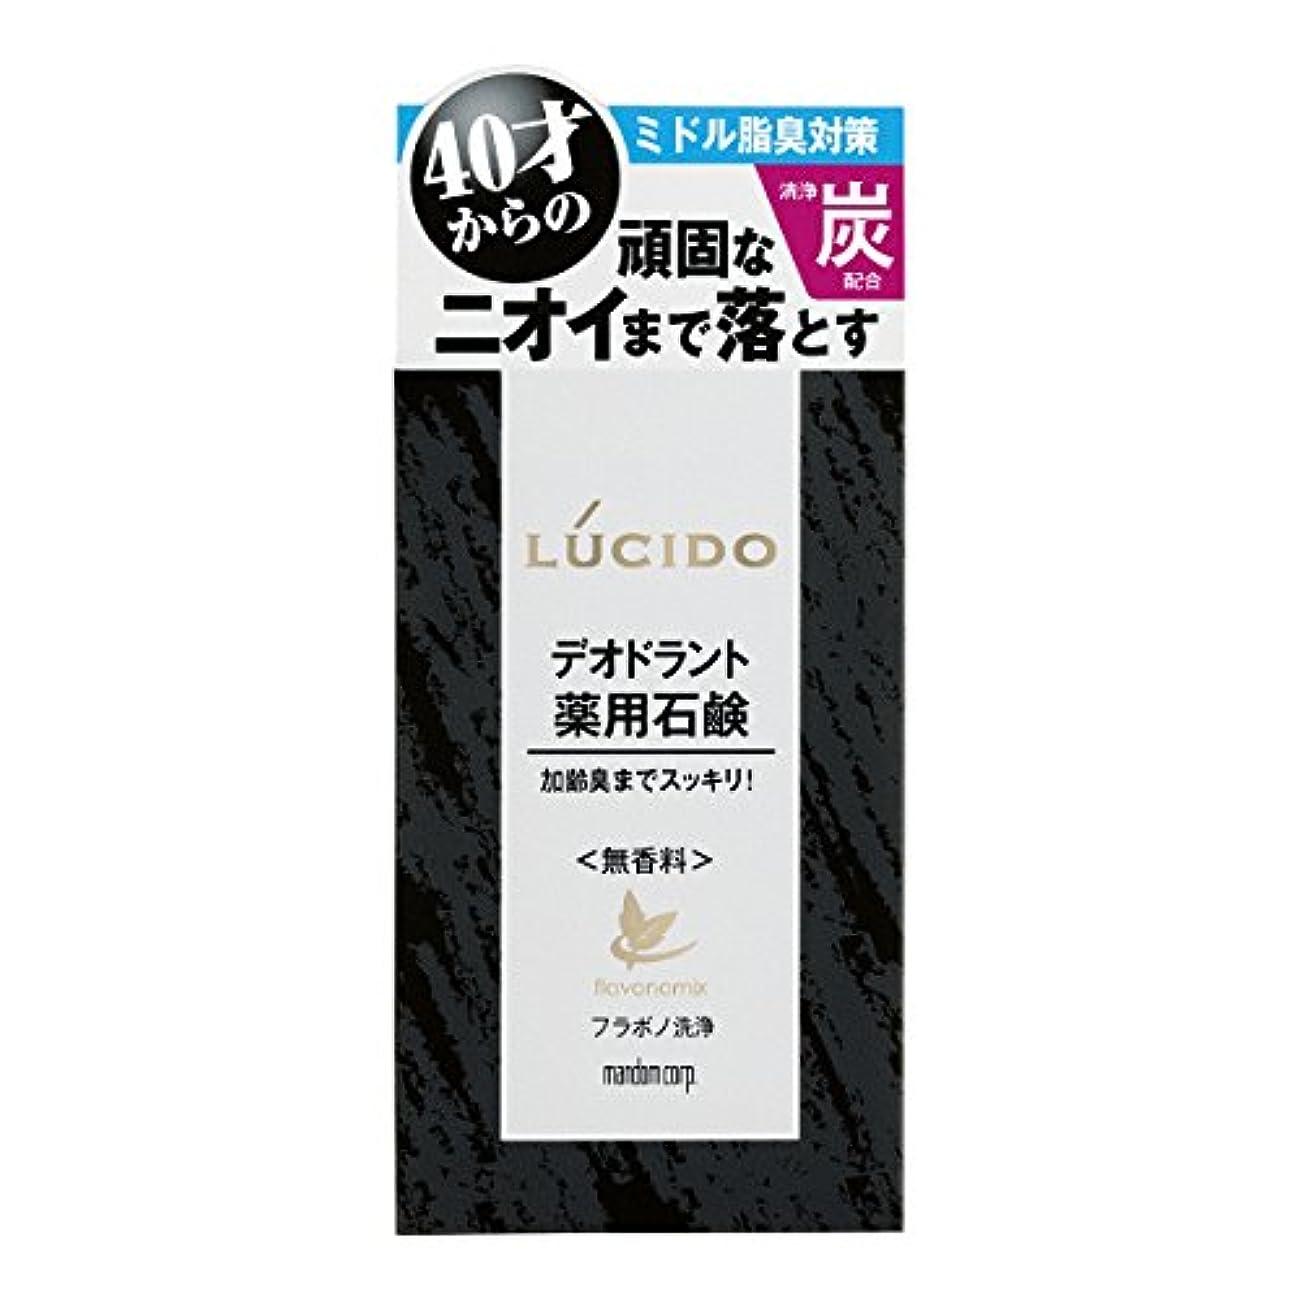 断片ナンセンス怠けたルシード 薬用デオドラント石鹸 100g(医薬部外品)